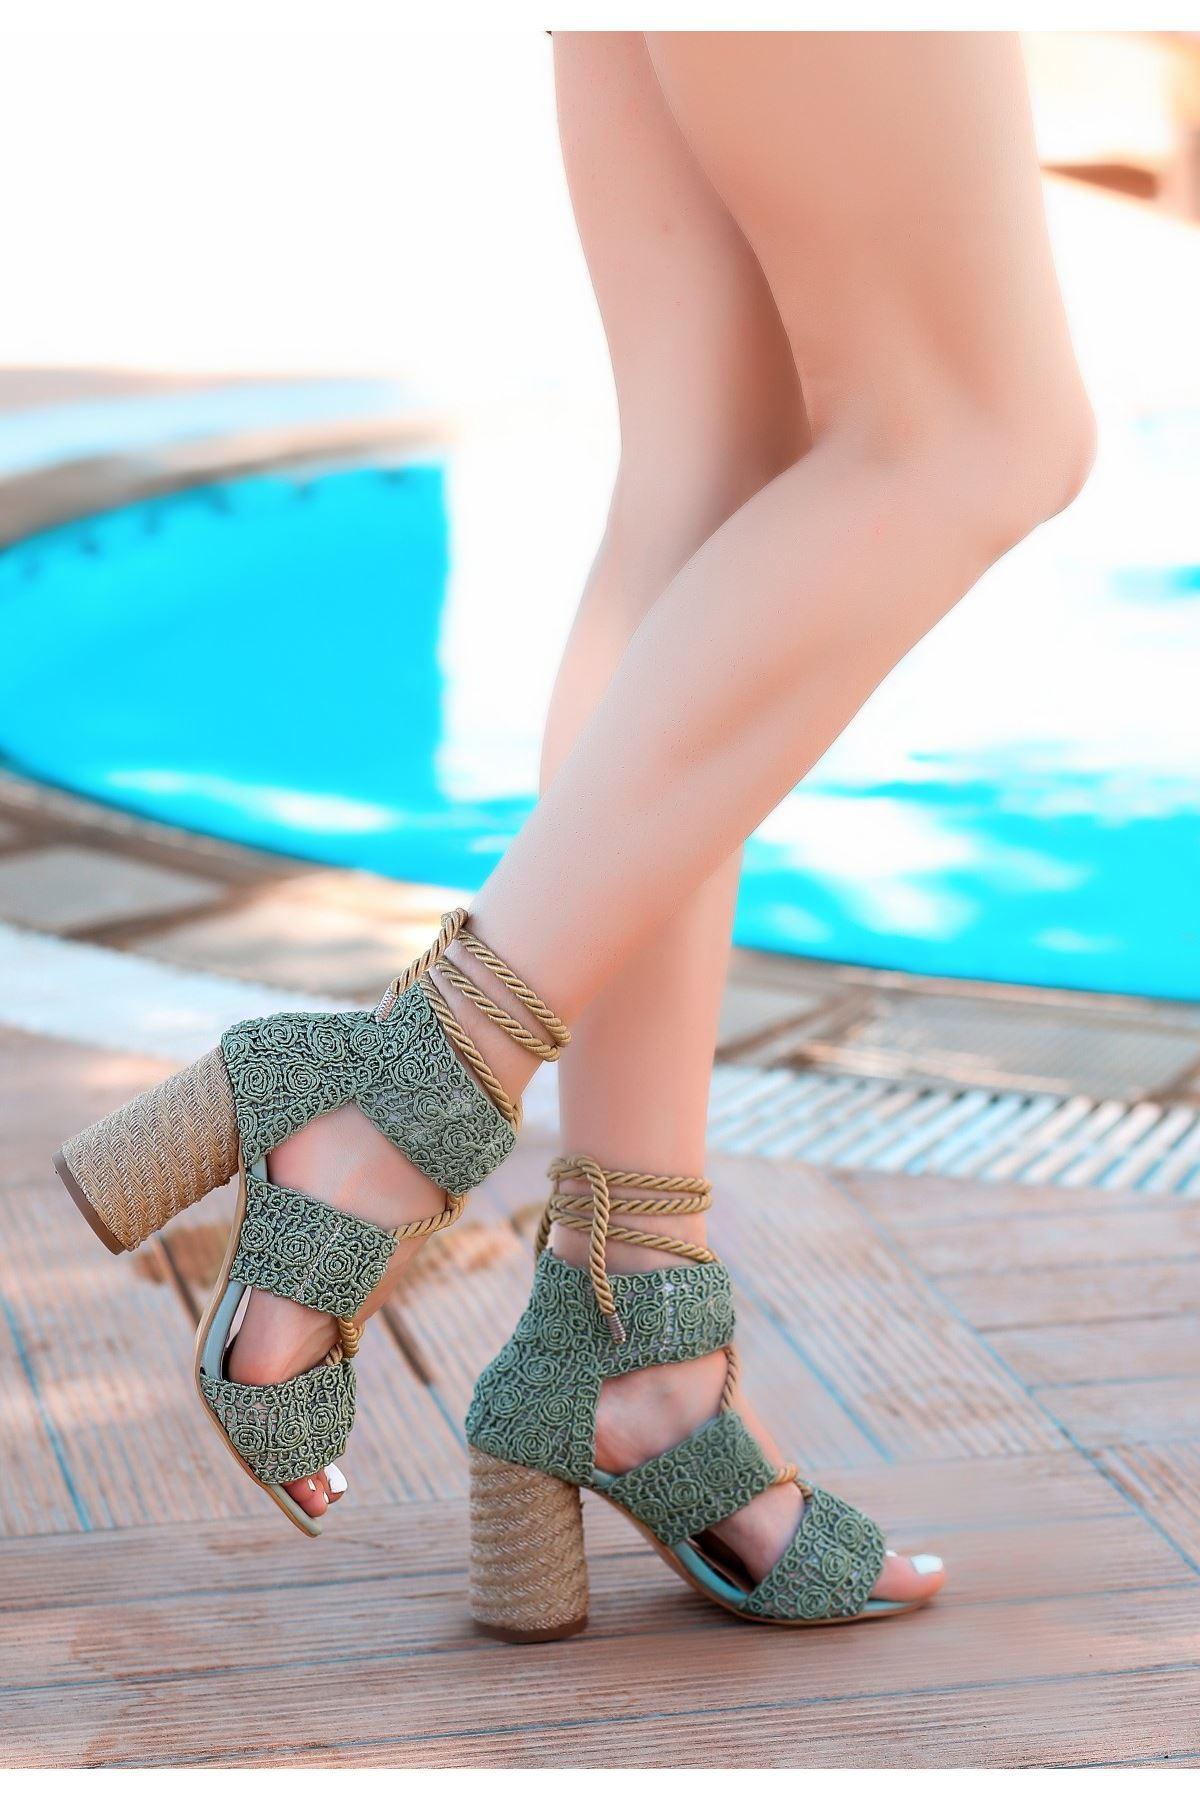 Esto Mint Yeşili Örgülü Topuklu Ayakkabı